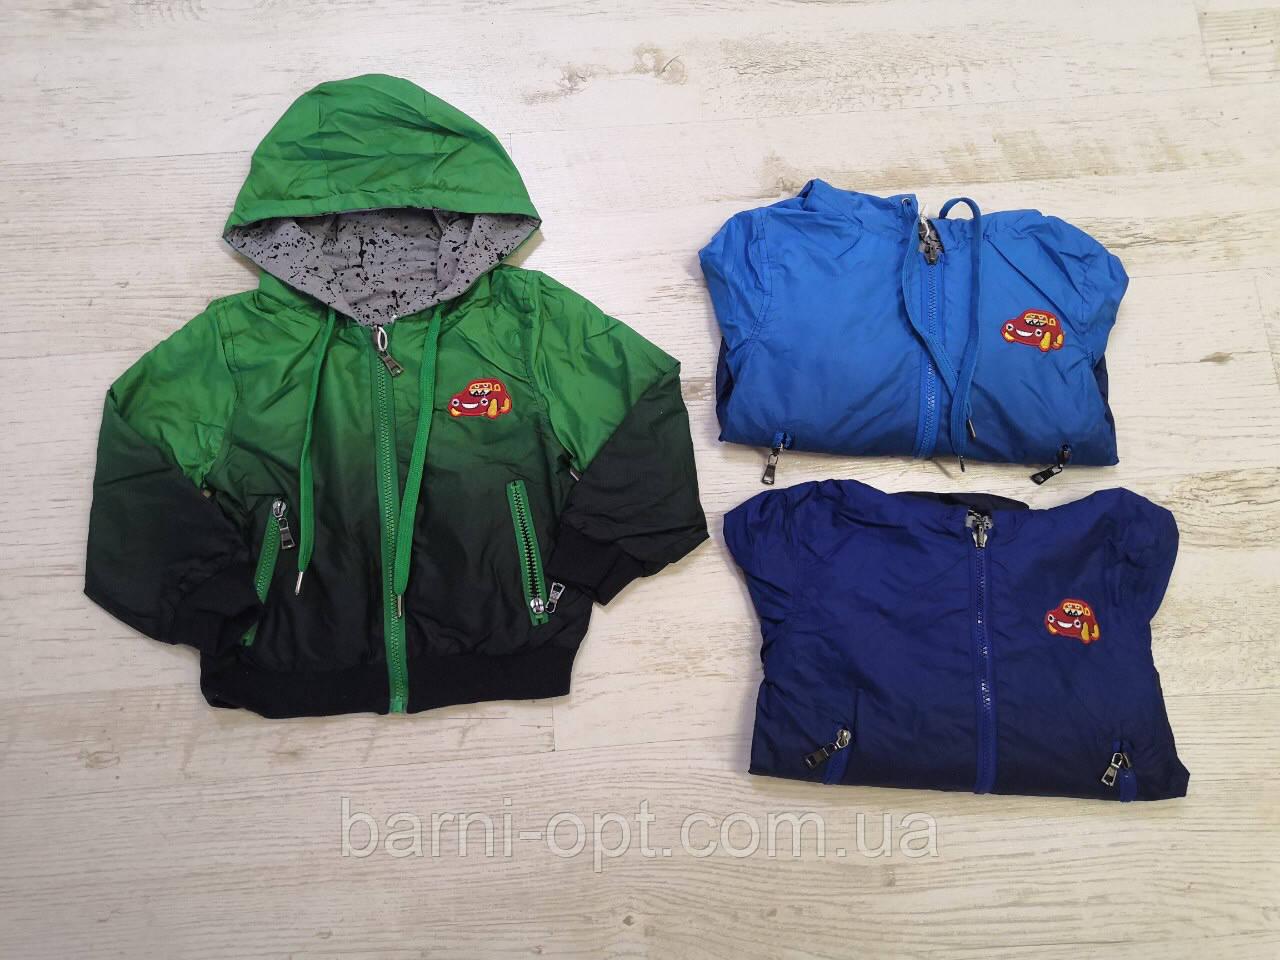 Двосторонні куртки на хлопчика в залишку, Seagull , 1 рр